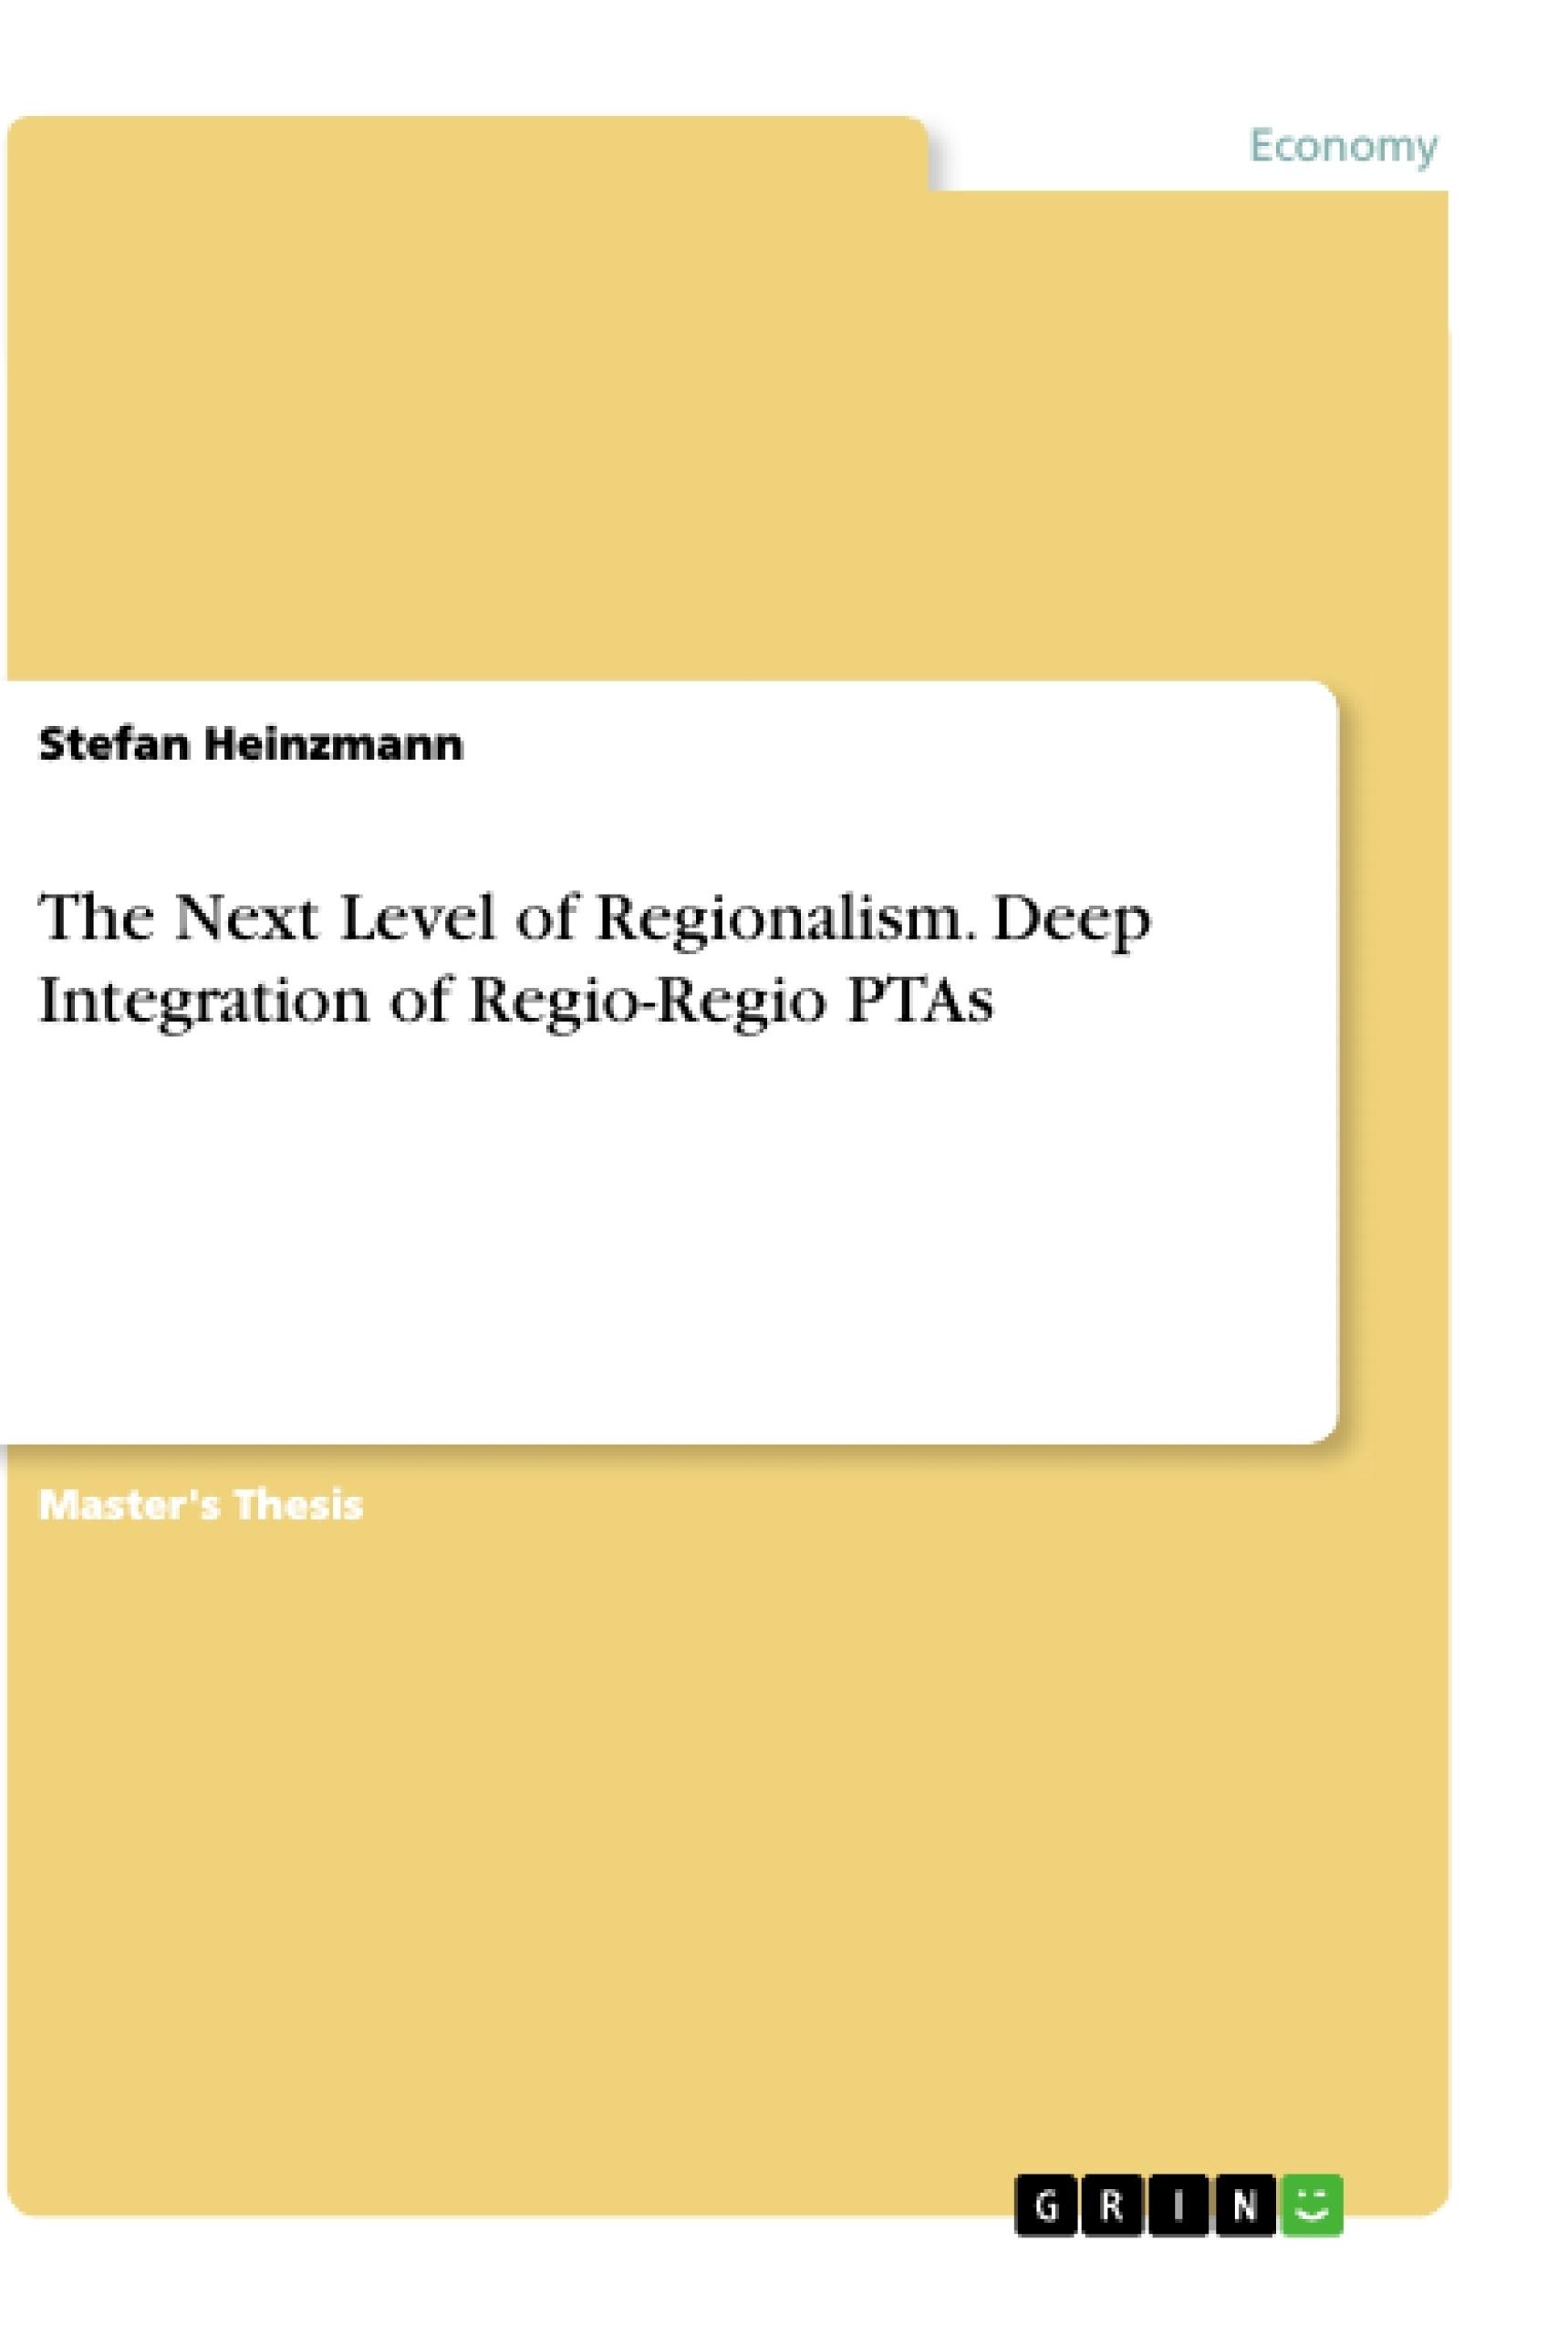 Title: The Next Level of Regionalism. Deep Integration of Regio-Regio PTAs